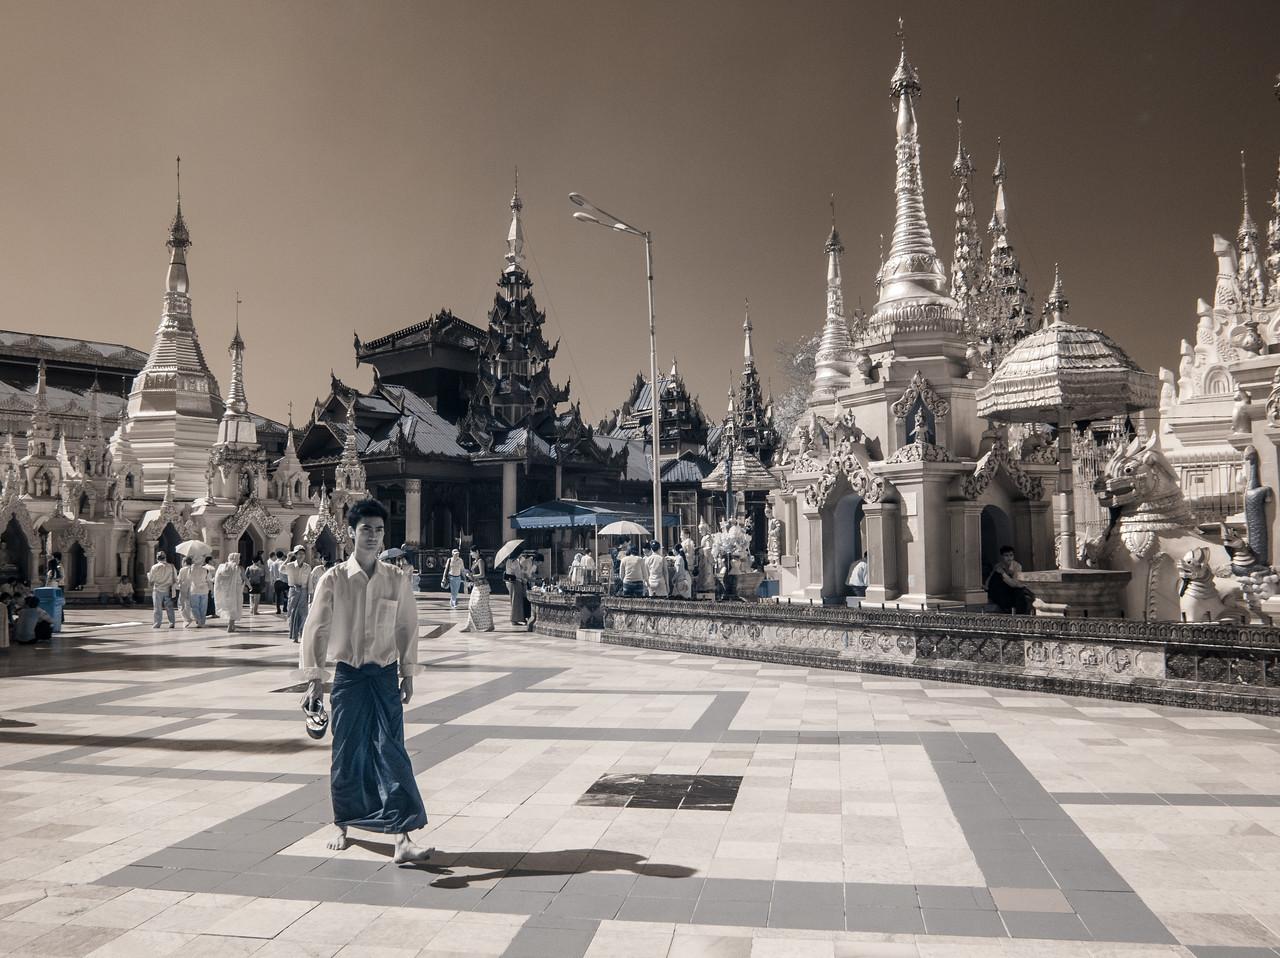 Man at Shwedagon